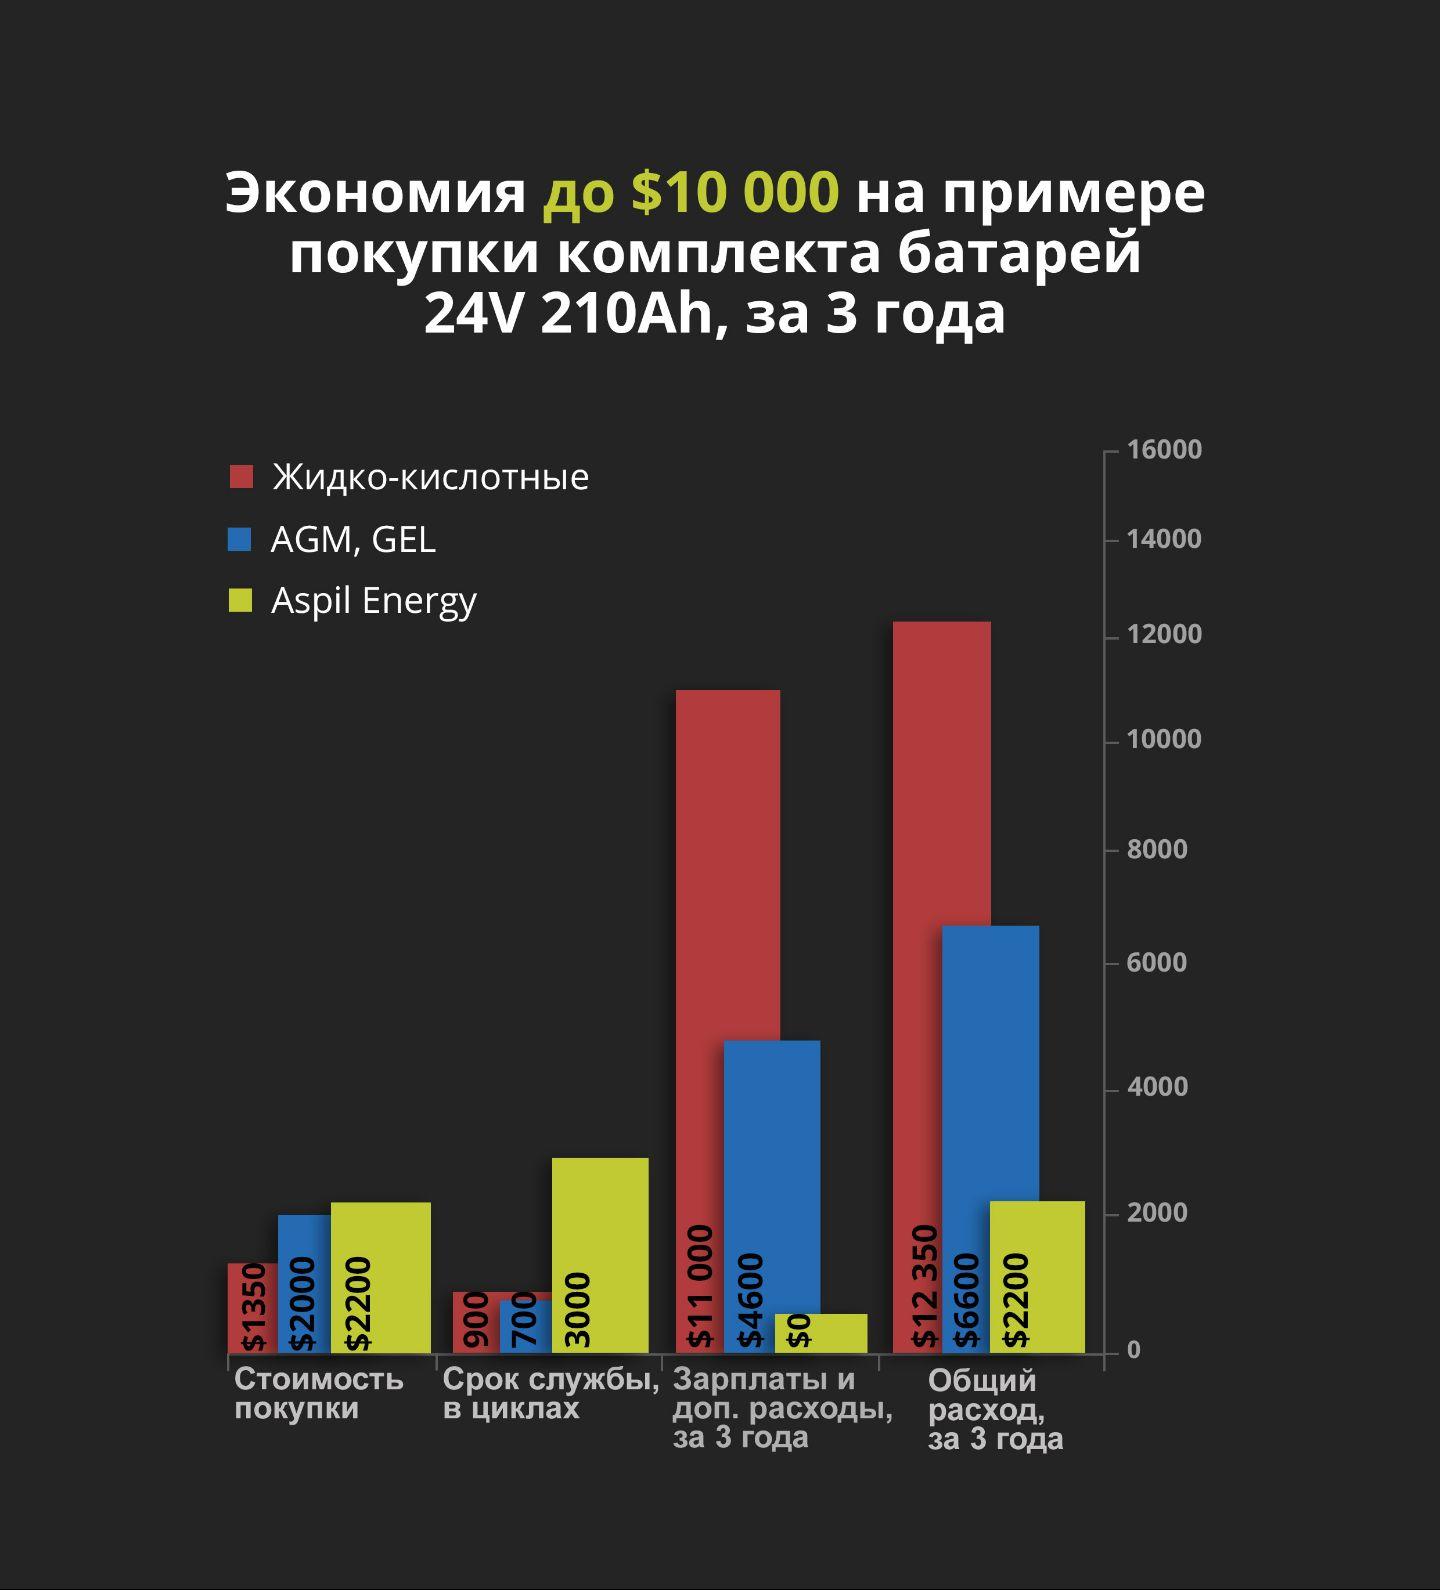 Экономия при использовании тяговых литий-ионных батарей, за 3 года